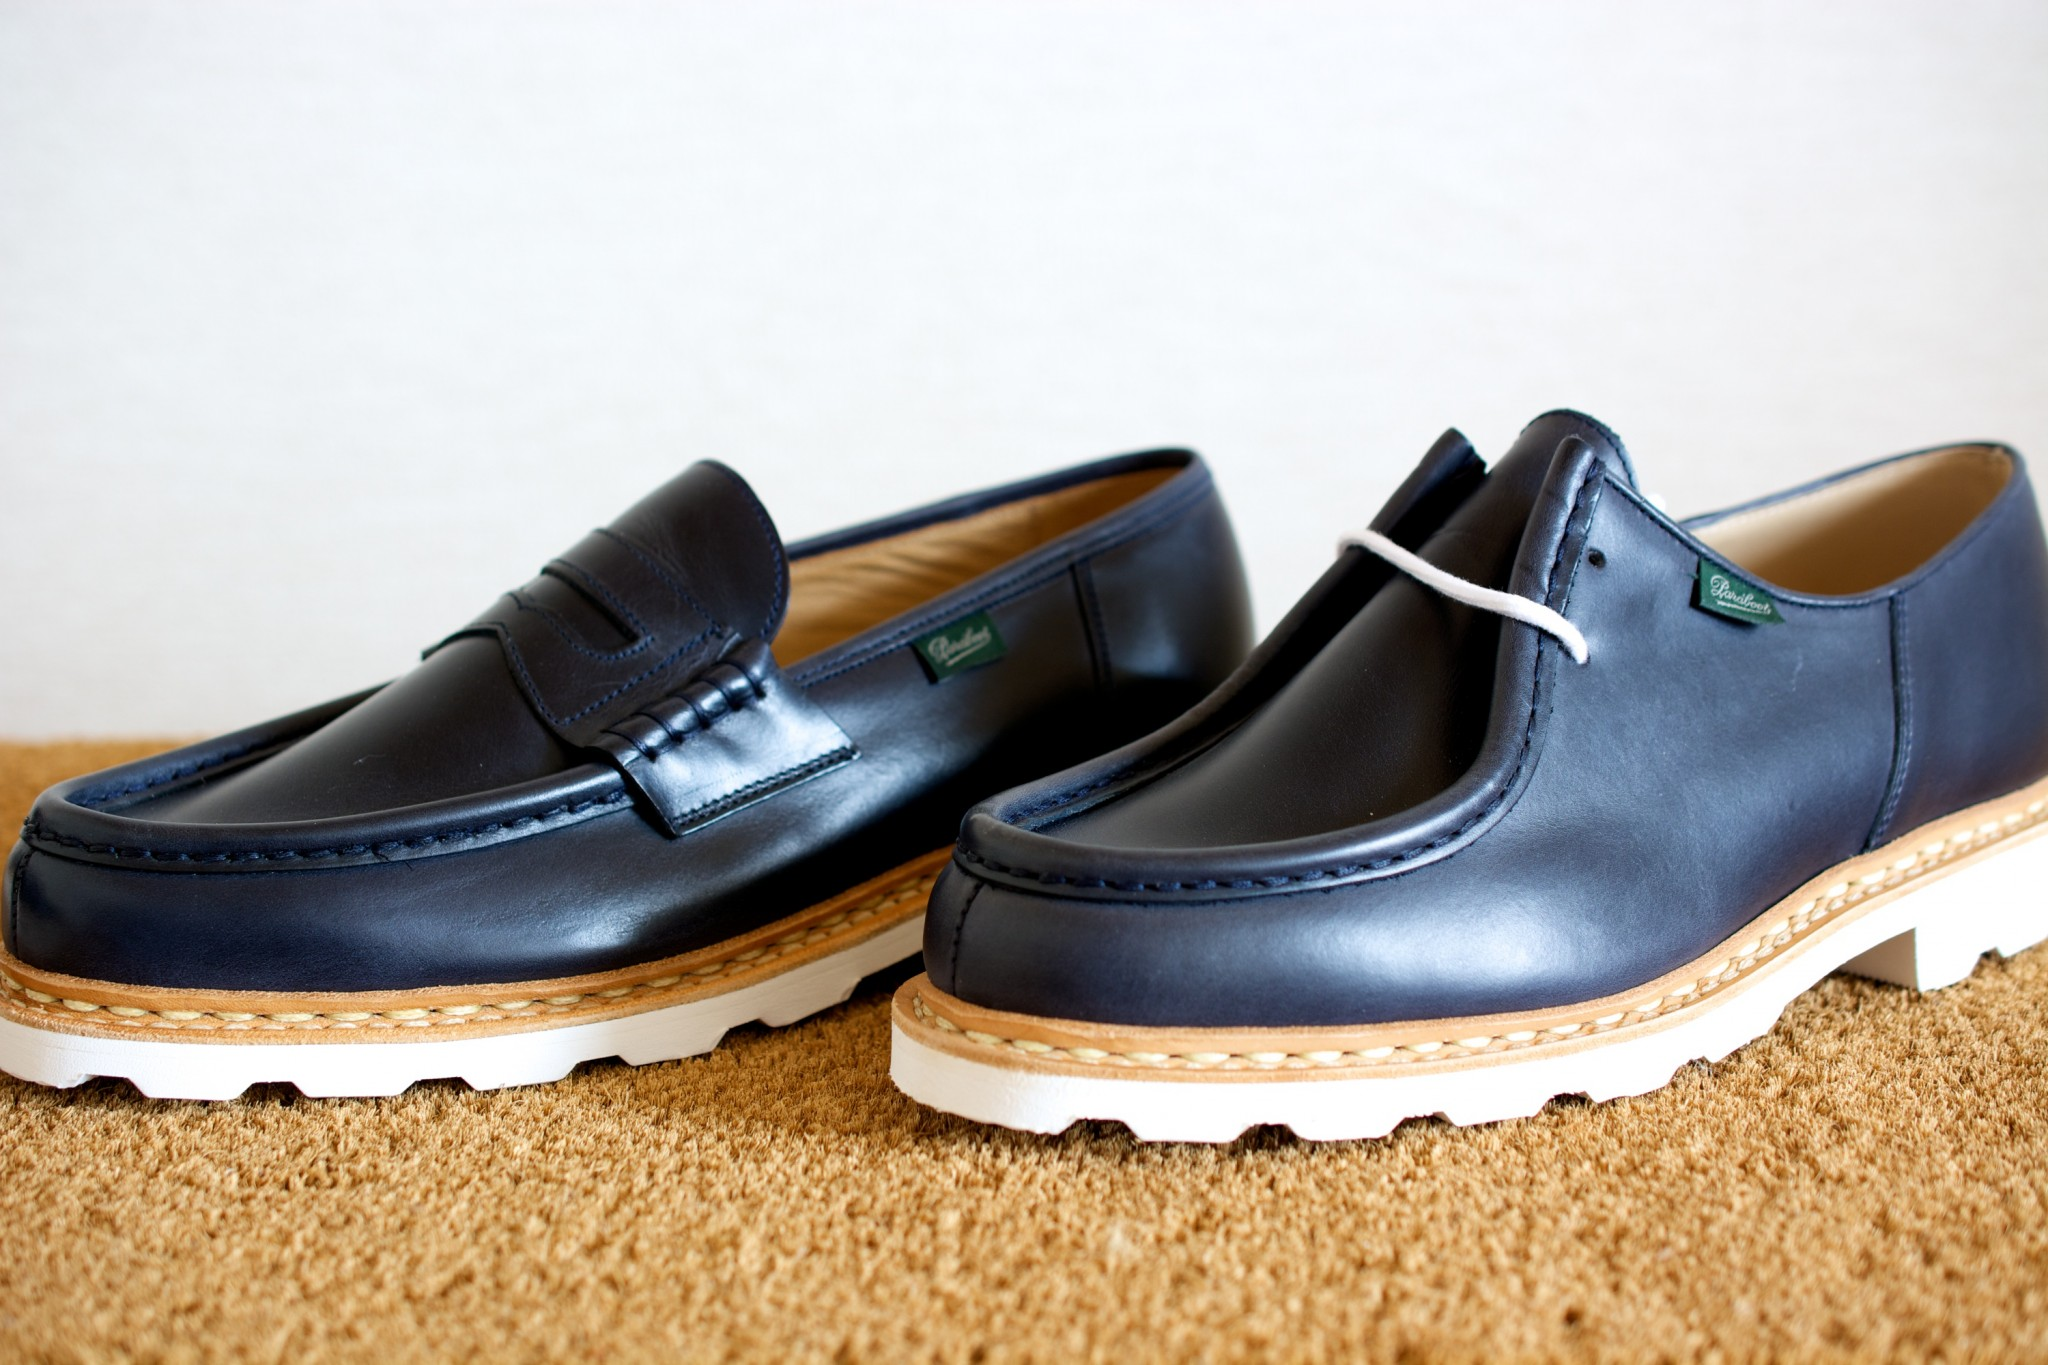 ca8252dfc9a0 靴を買いました。 パラブーツ ミカエル Marine : 今日も晴れて幸せ!